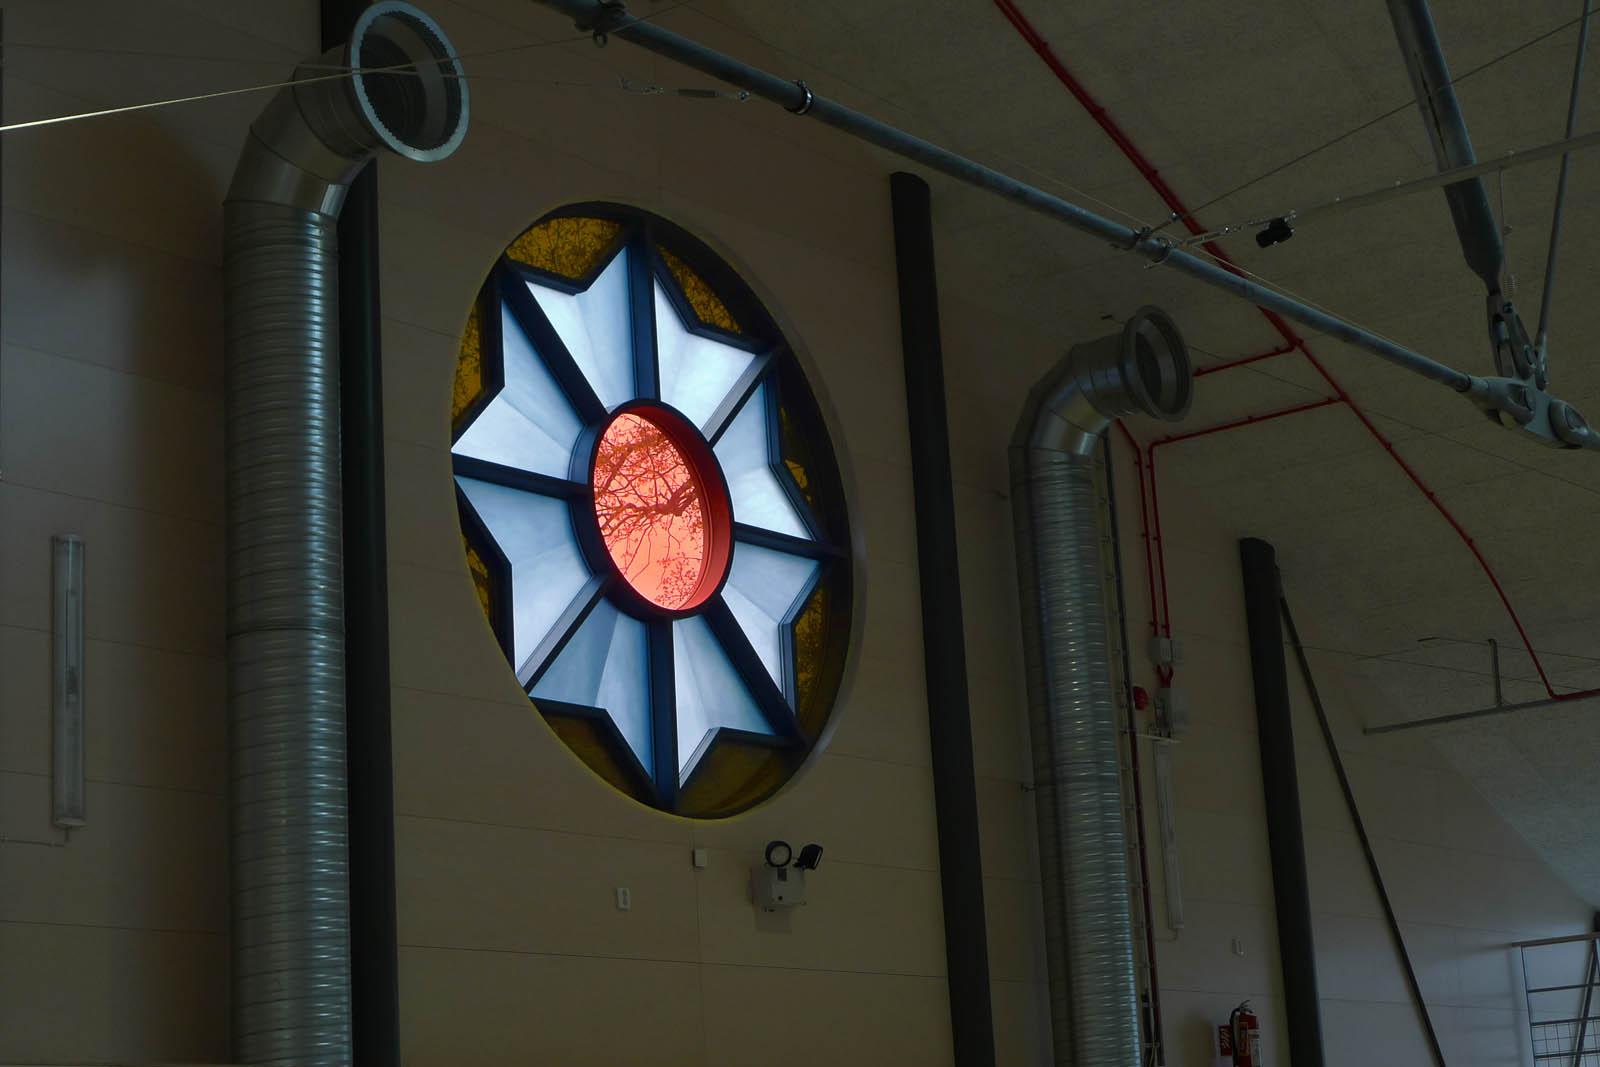 Två fönster, tre meter i diameter, med digitaltryckt, laminerat glas. Motivet är en kokard, prisrosett. Cecilia Aaro och Matilda Fahlsten, Kokard, 2014.